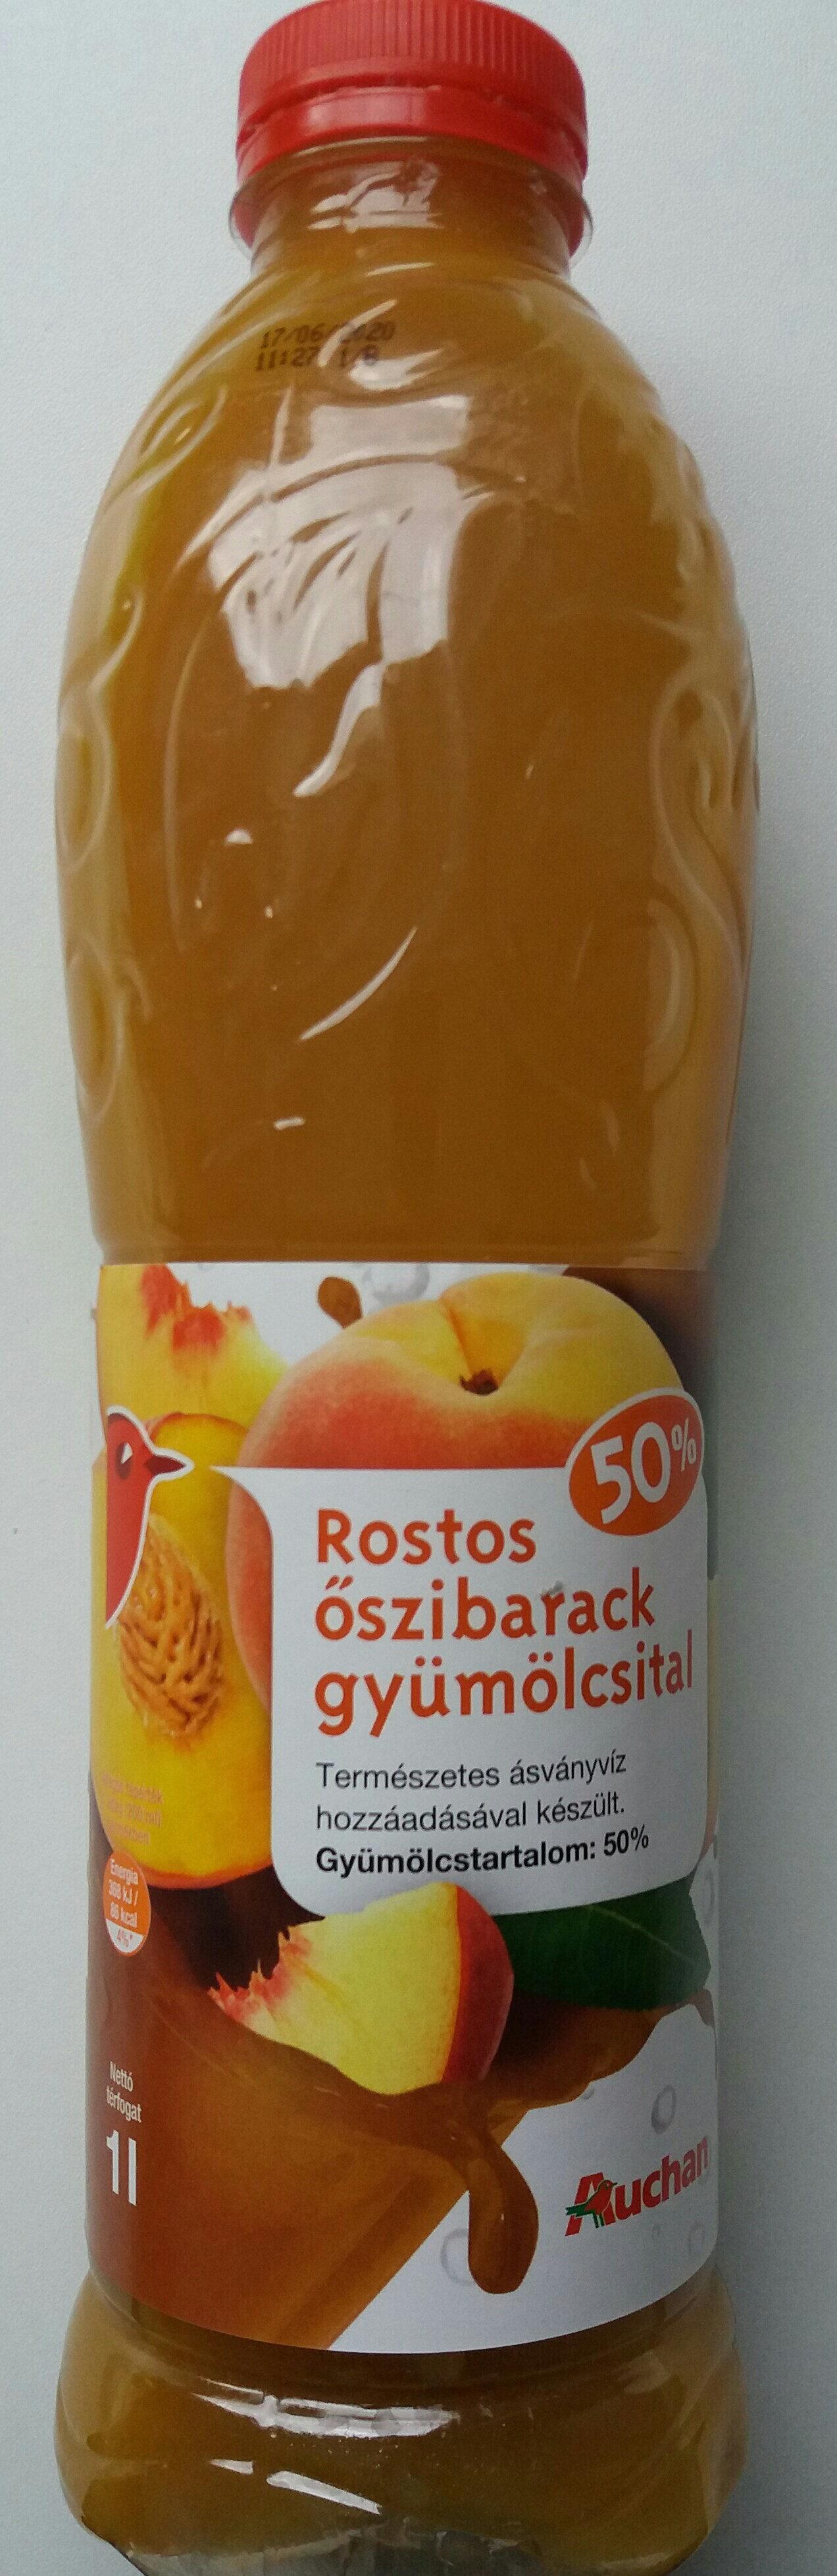 Rostos őszibarack gyümölcsital - Prodotto - hu